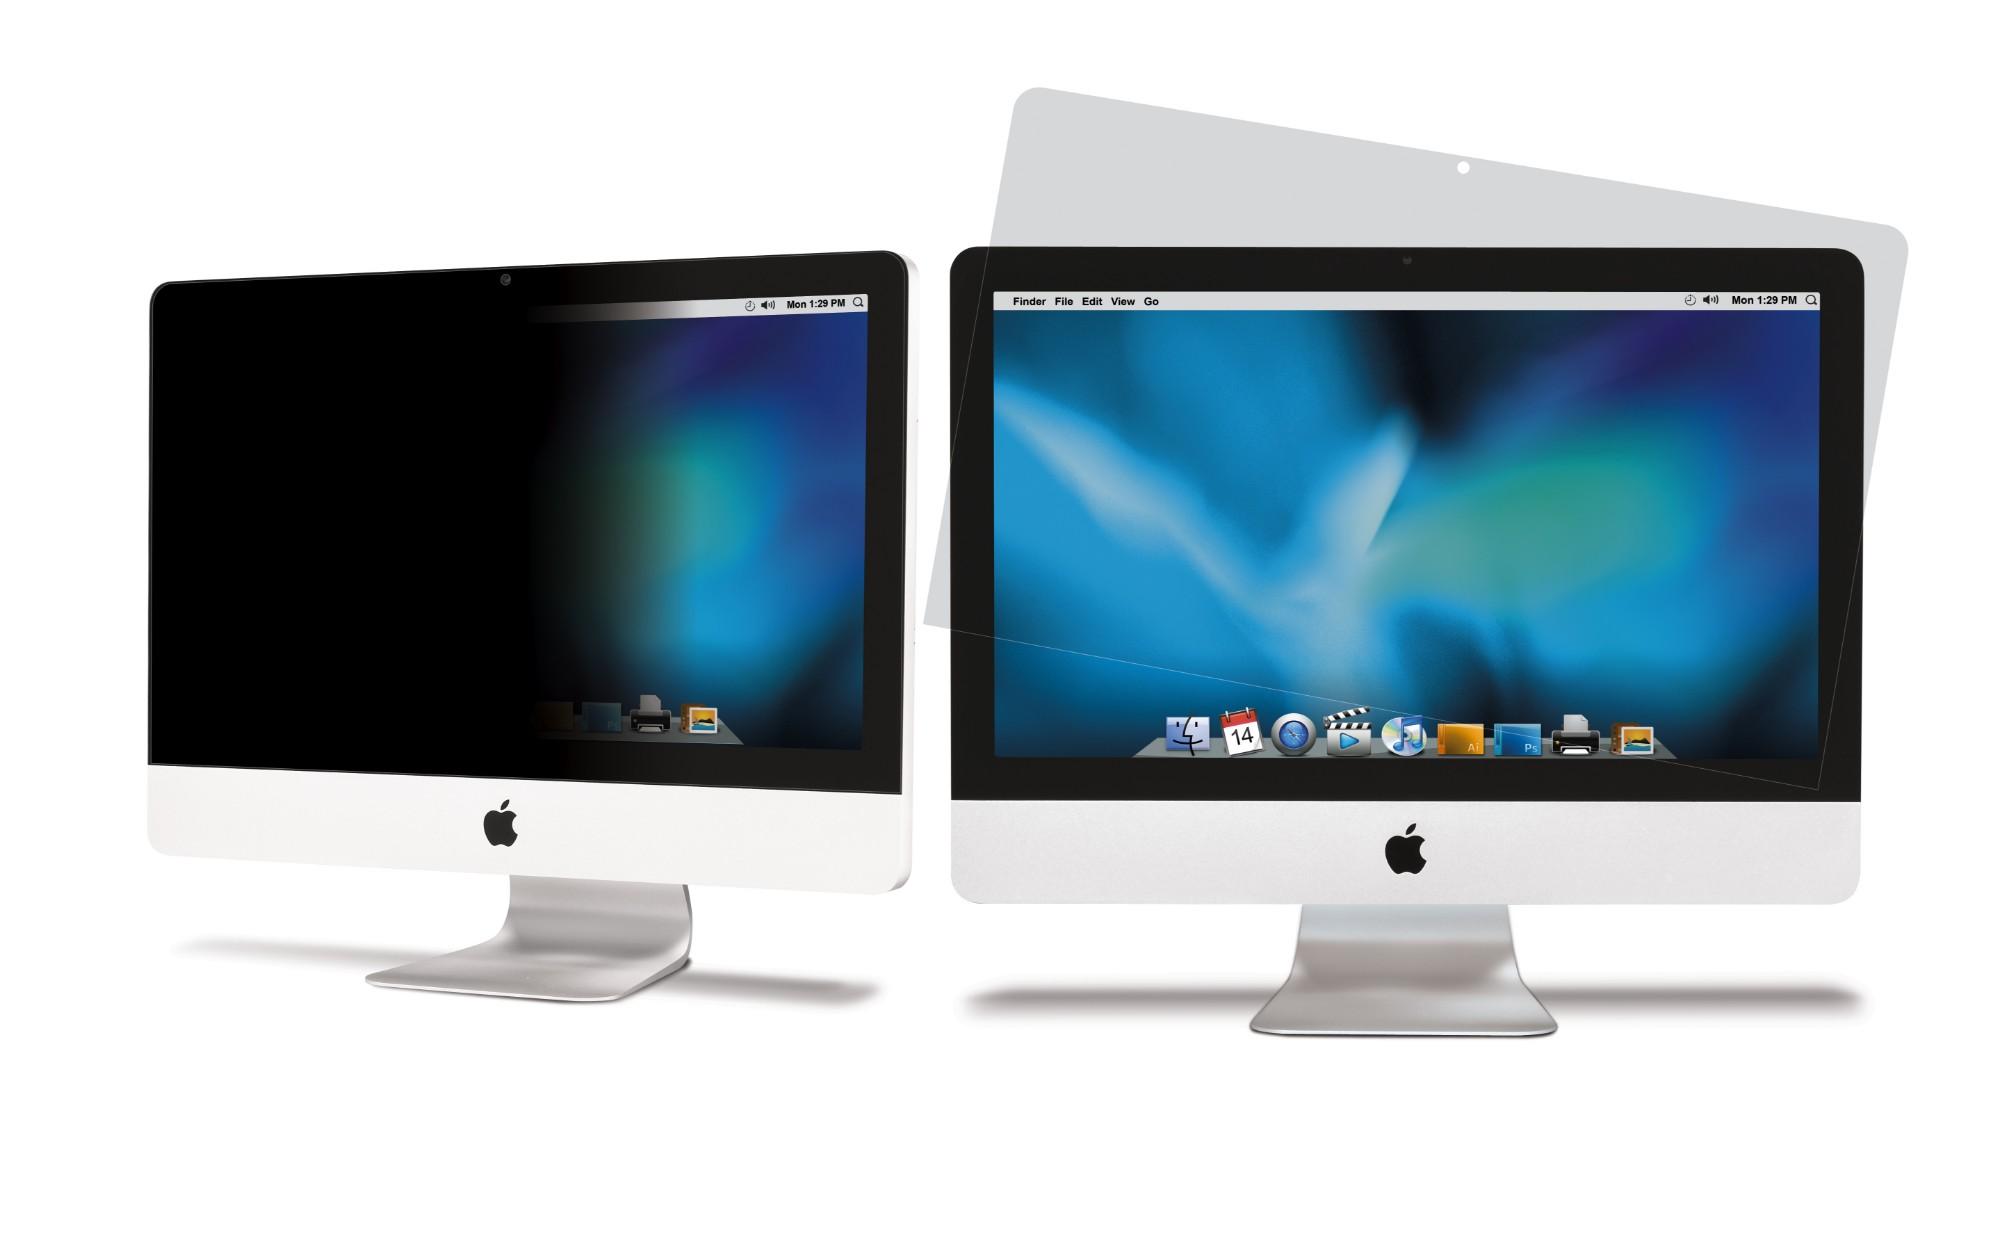 3m pfim27v2 privacy filter for apple imac 27 inch - Desk for imac inch ...